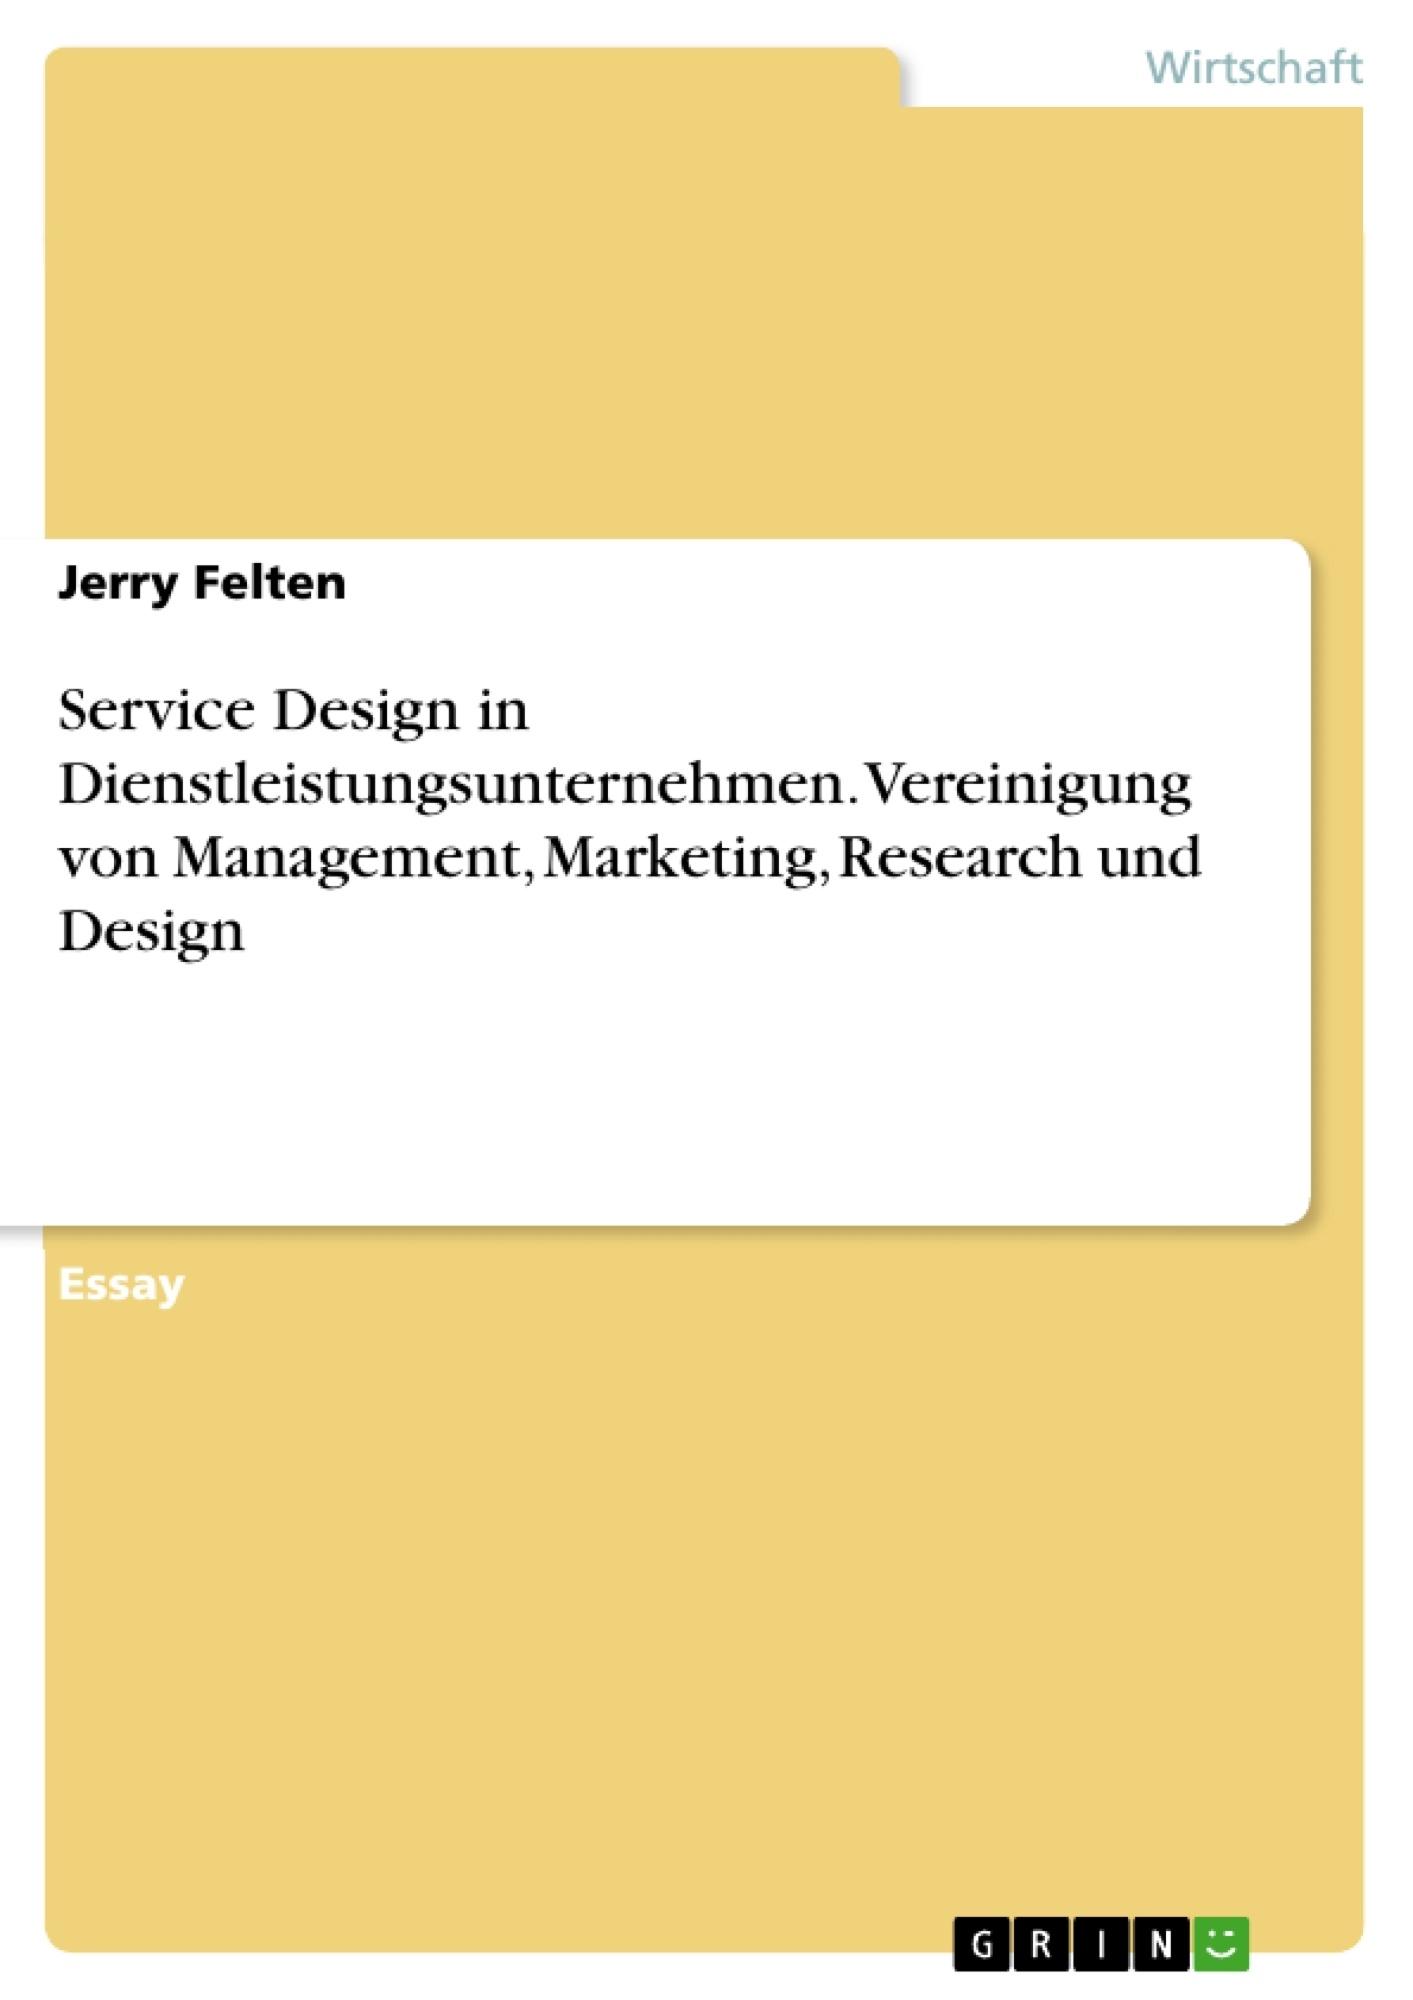 Titel: Service Design in Dienstleistungsunternehmen. Vereinigung von Management, Marketing, Research und Design